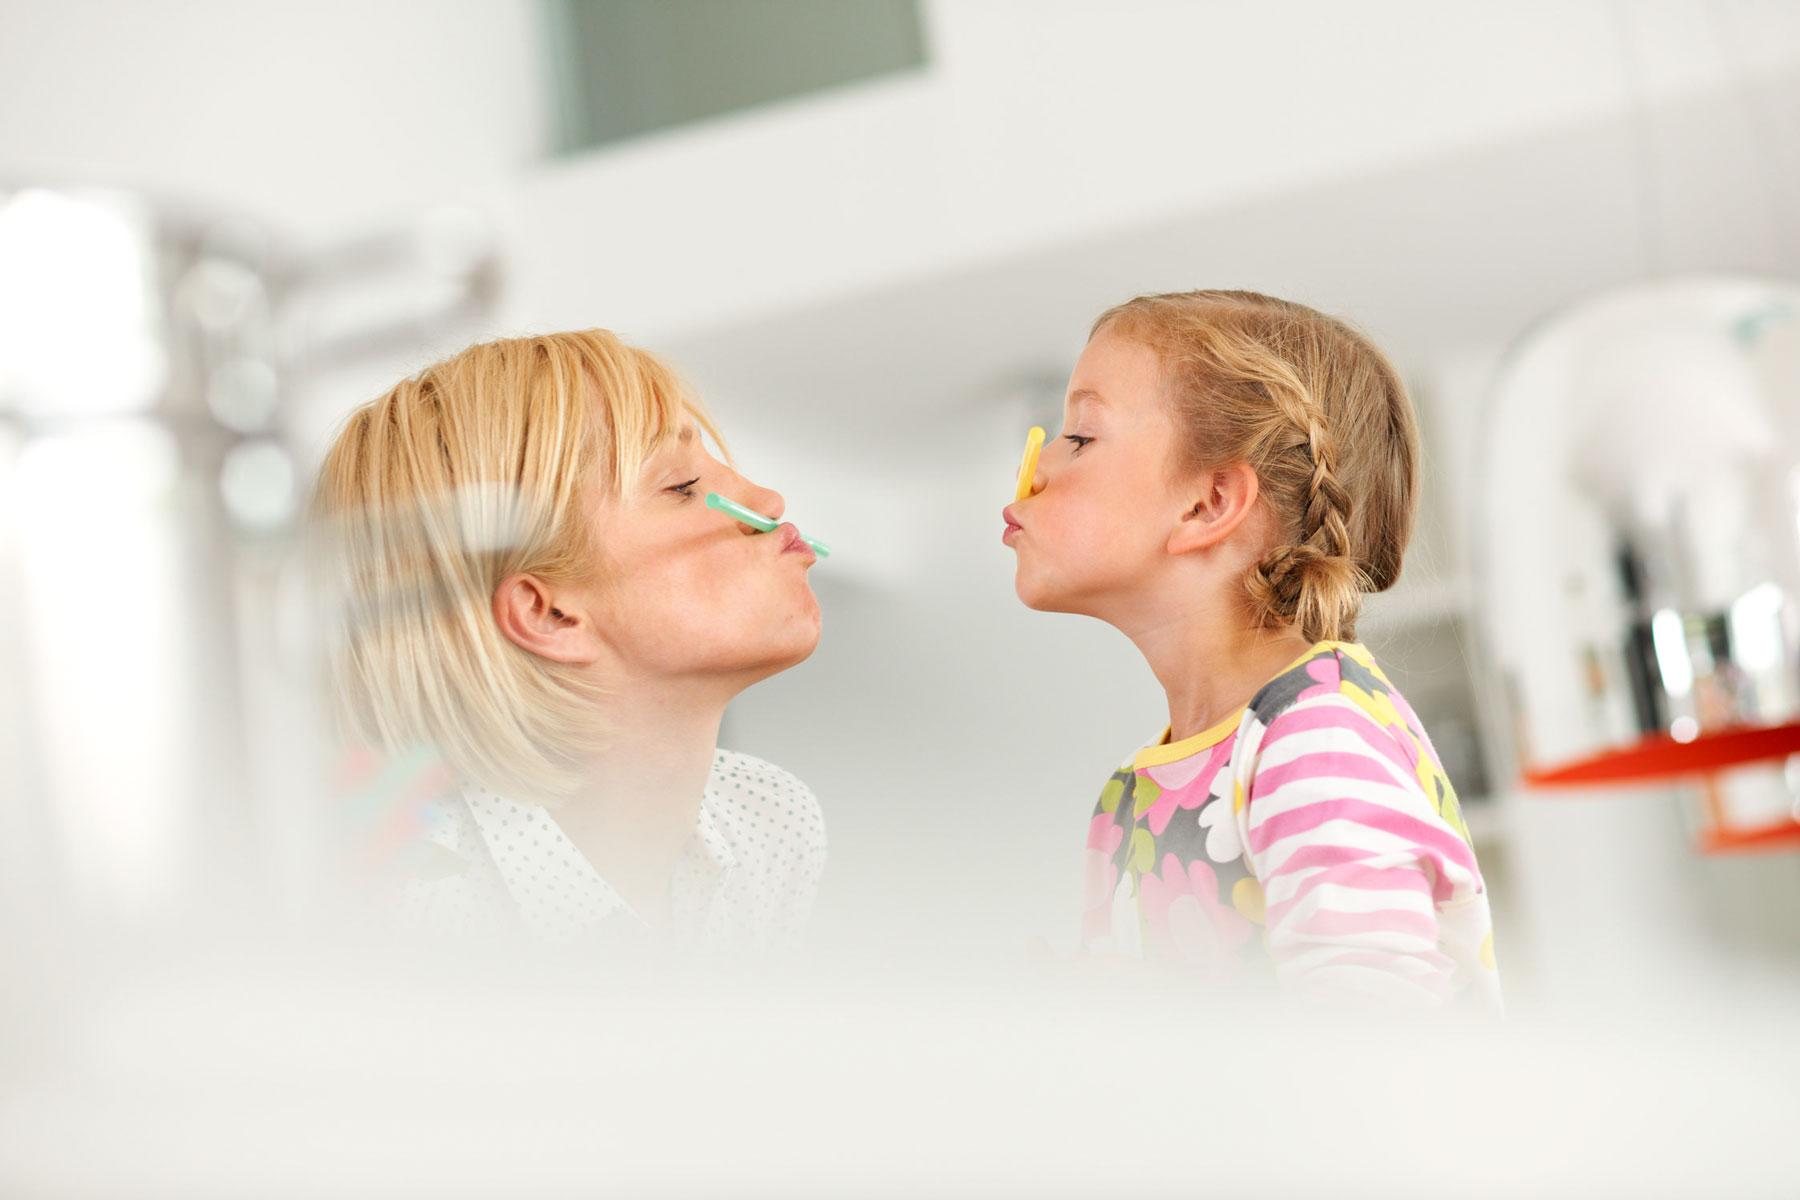 Foto von Mutter und Tochter, die je einen bunten Strohhalm zwischen ihrem Mund und Nase halten